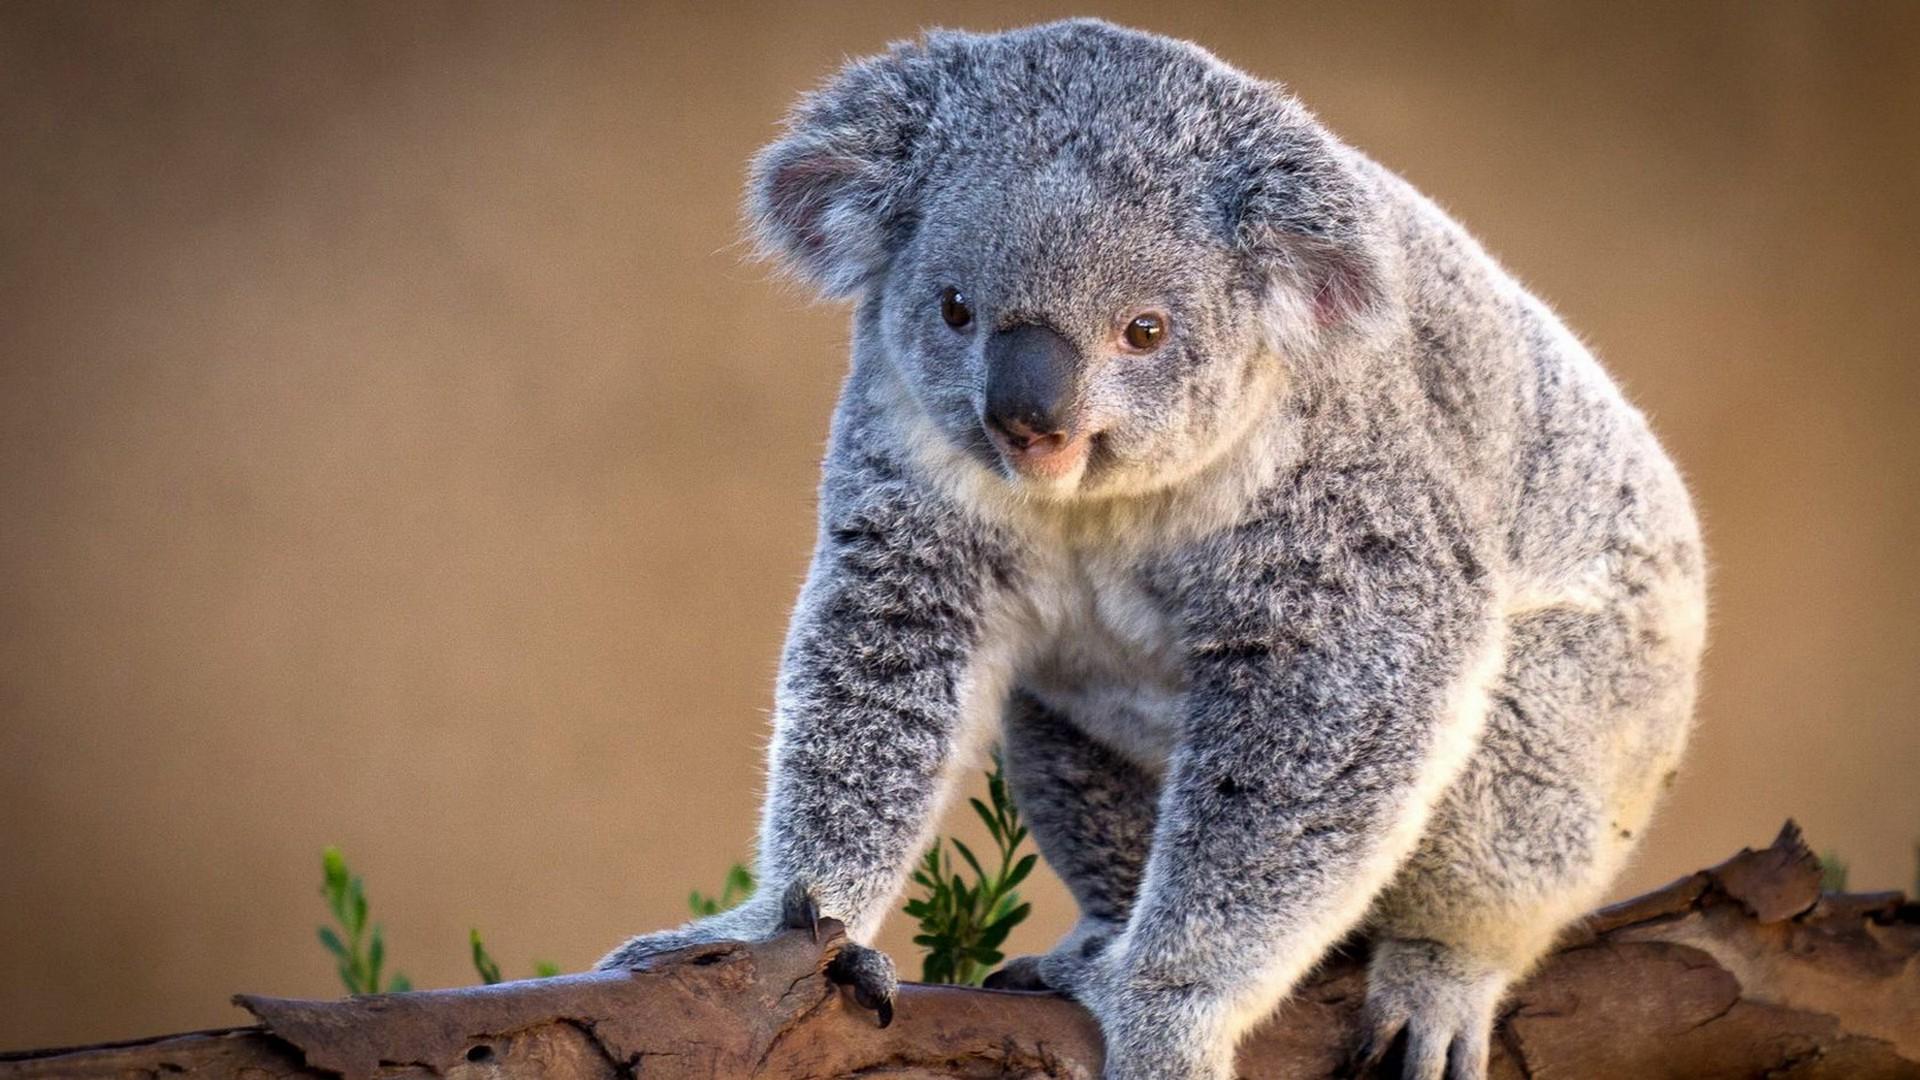 837213-koala-wallpaper.jpg